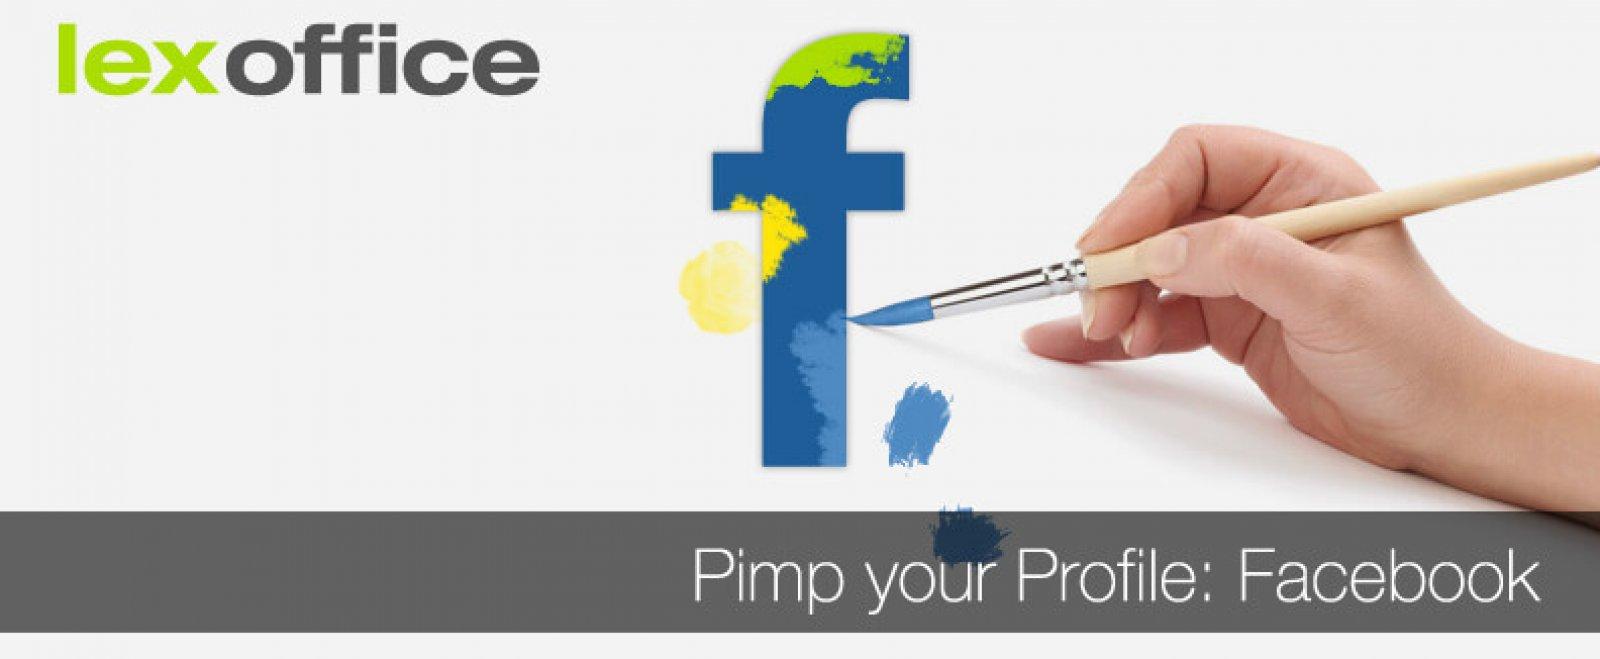 Pimp your Profile: Die eigene Facebook-Seite